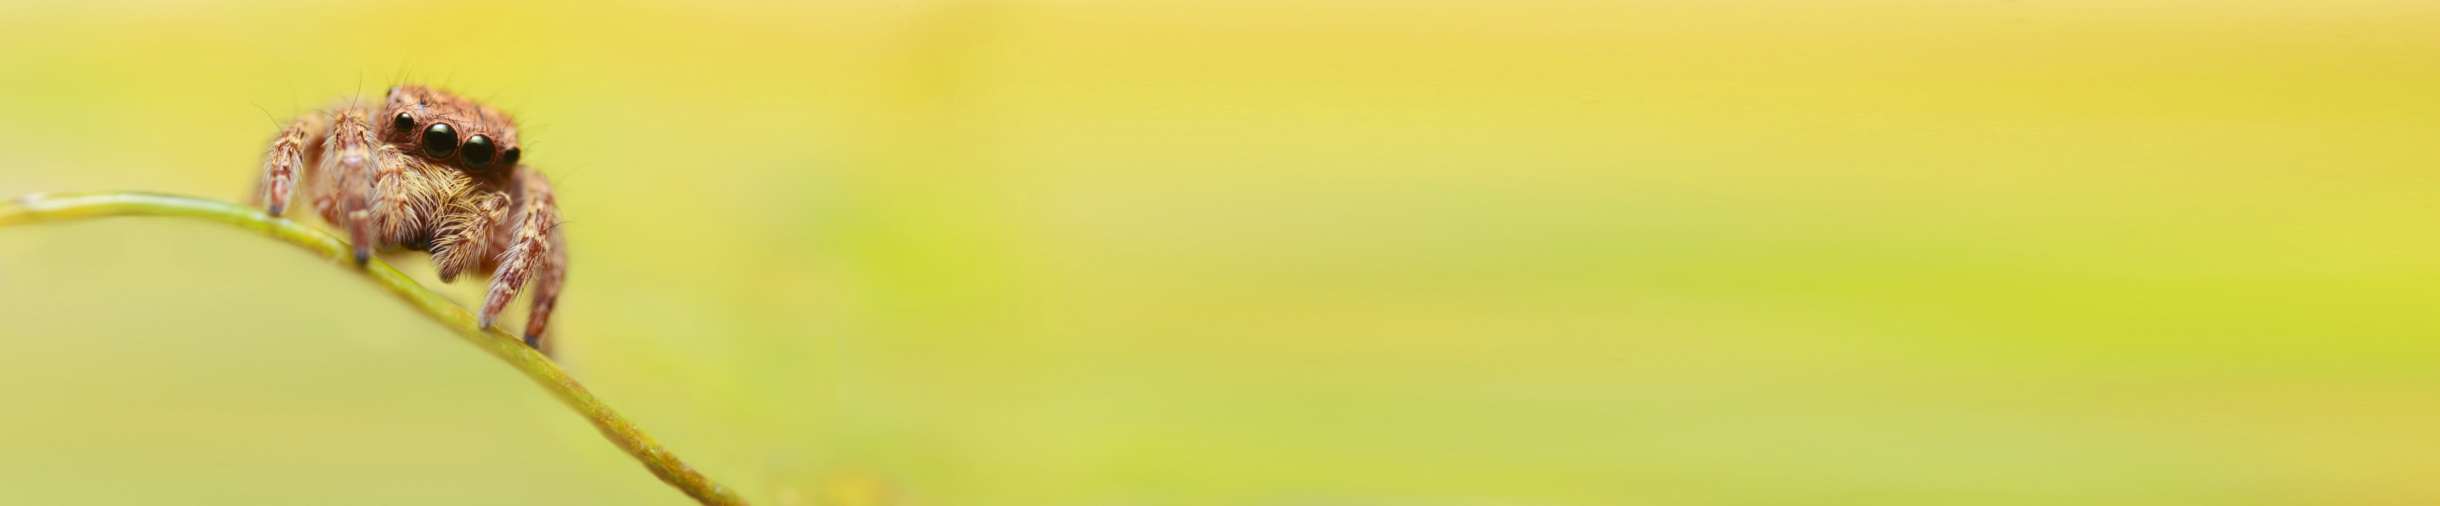 Pleiadi Science Farmer Educazione STEAM STEM scienza esperimenti laboratori imparare con le mani mostra interattiva progetto educativo infanzia adolescenti bambini eventi didattici scientifici scienza